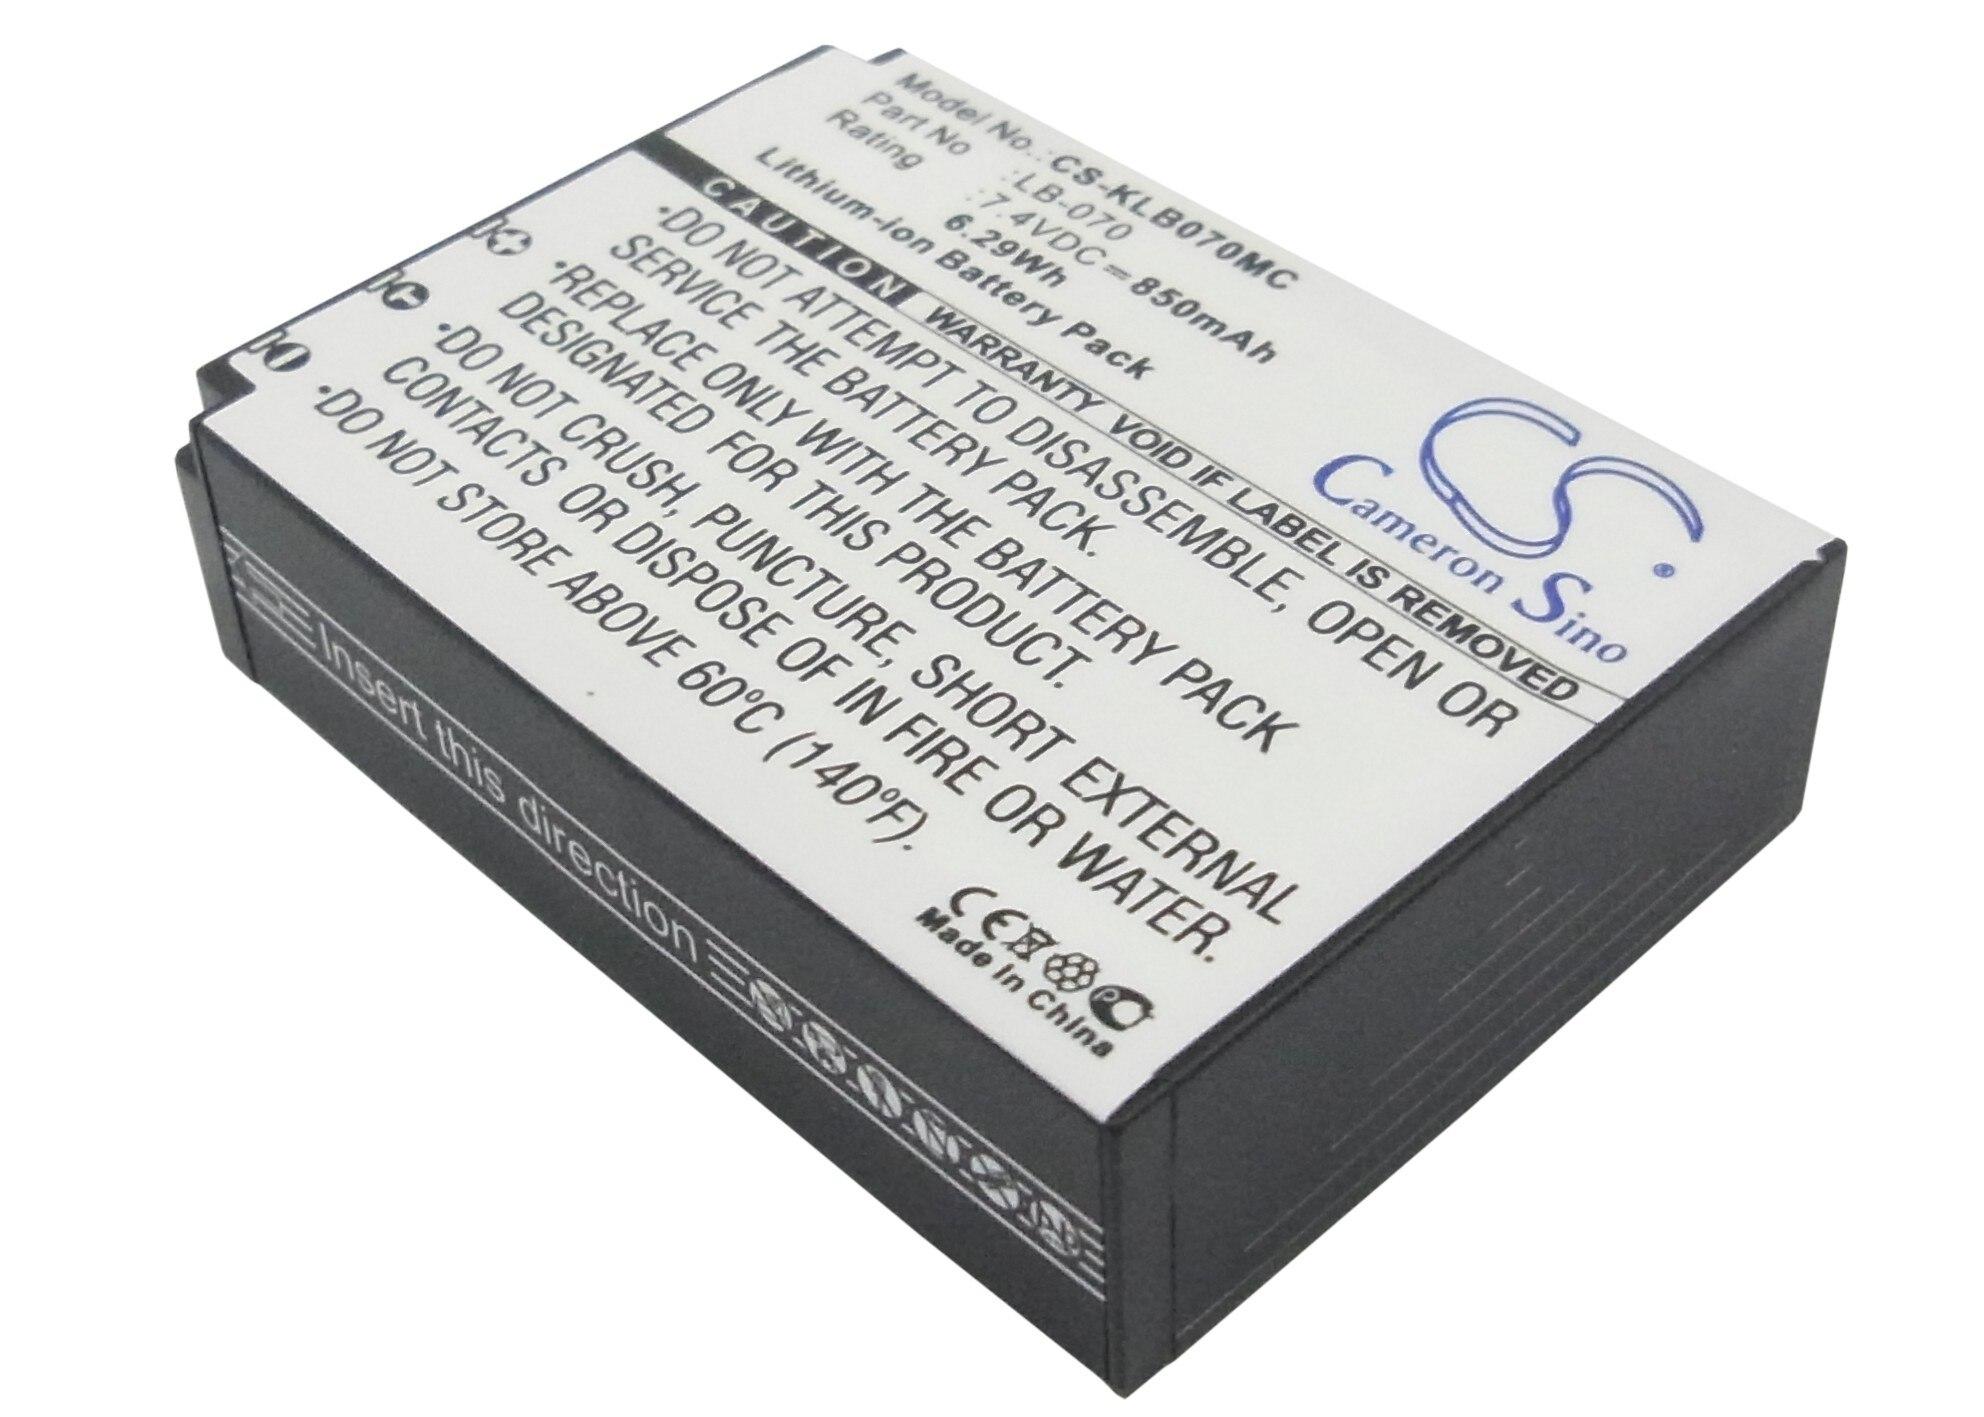 2020 actualización Cameron Sino para Kodak Pixpro AZ651... Pixpro AZ651 Astro Zoom Pixpro AZ652... PIXPRO S1... PIXPRO S-1